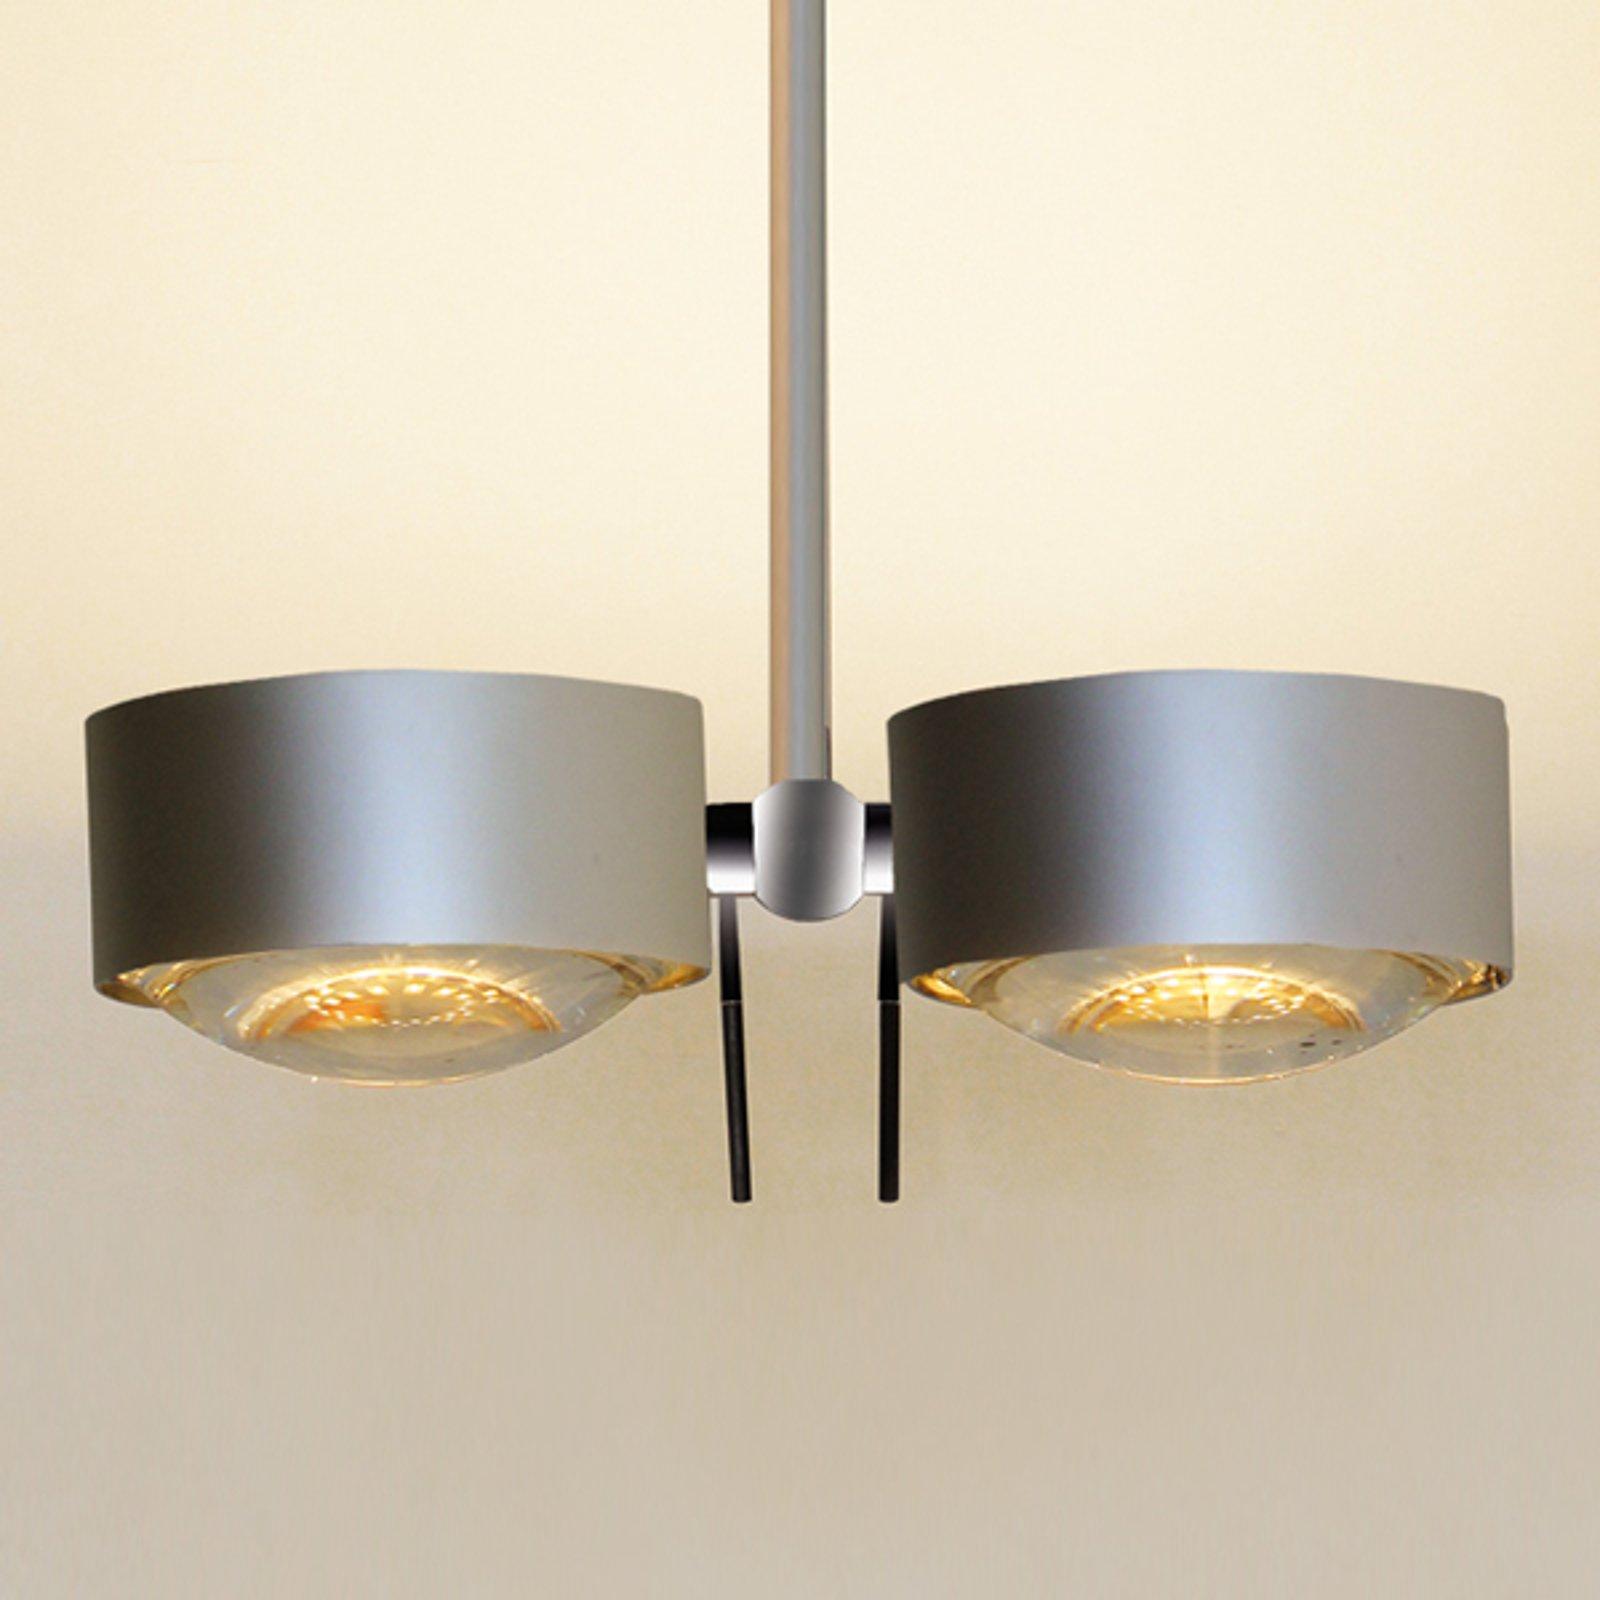 2 lys Taklampe PUK SIDES, krom matt, 30 cm